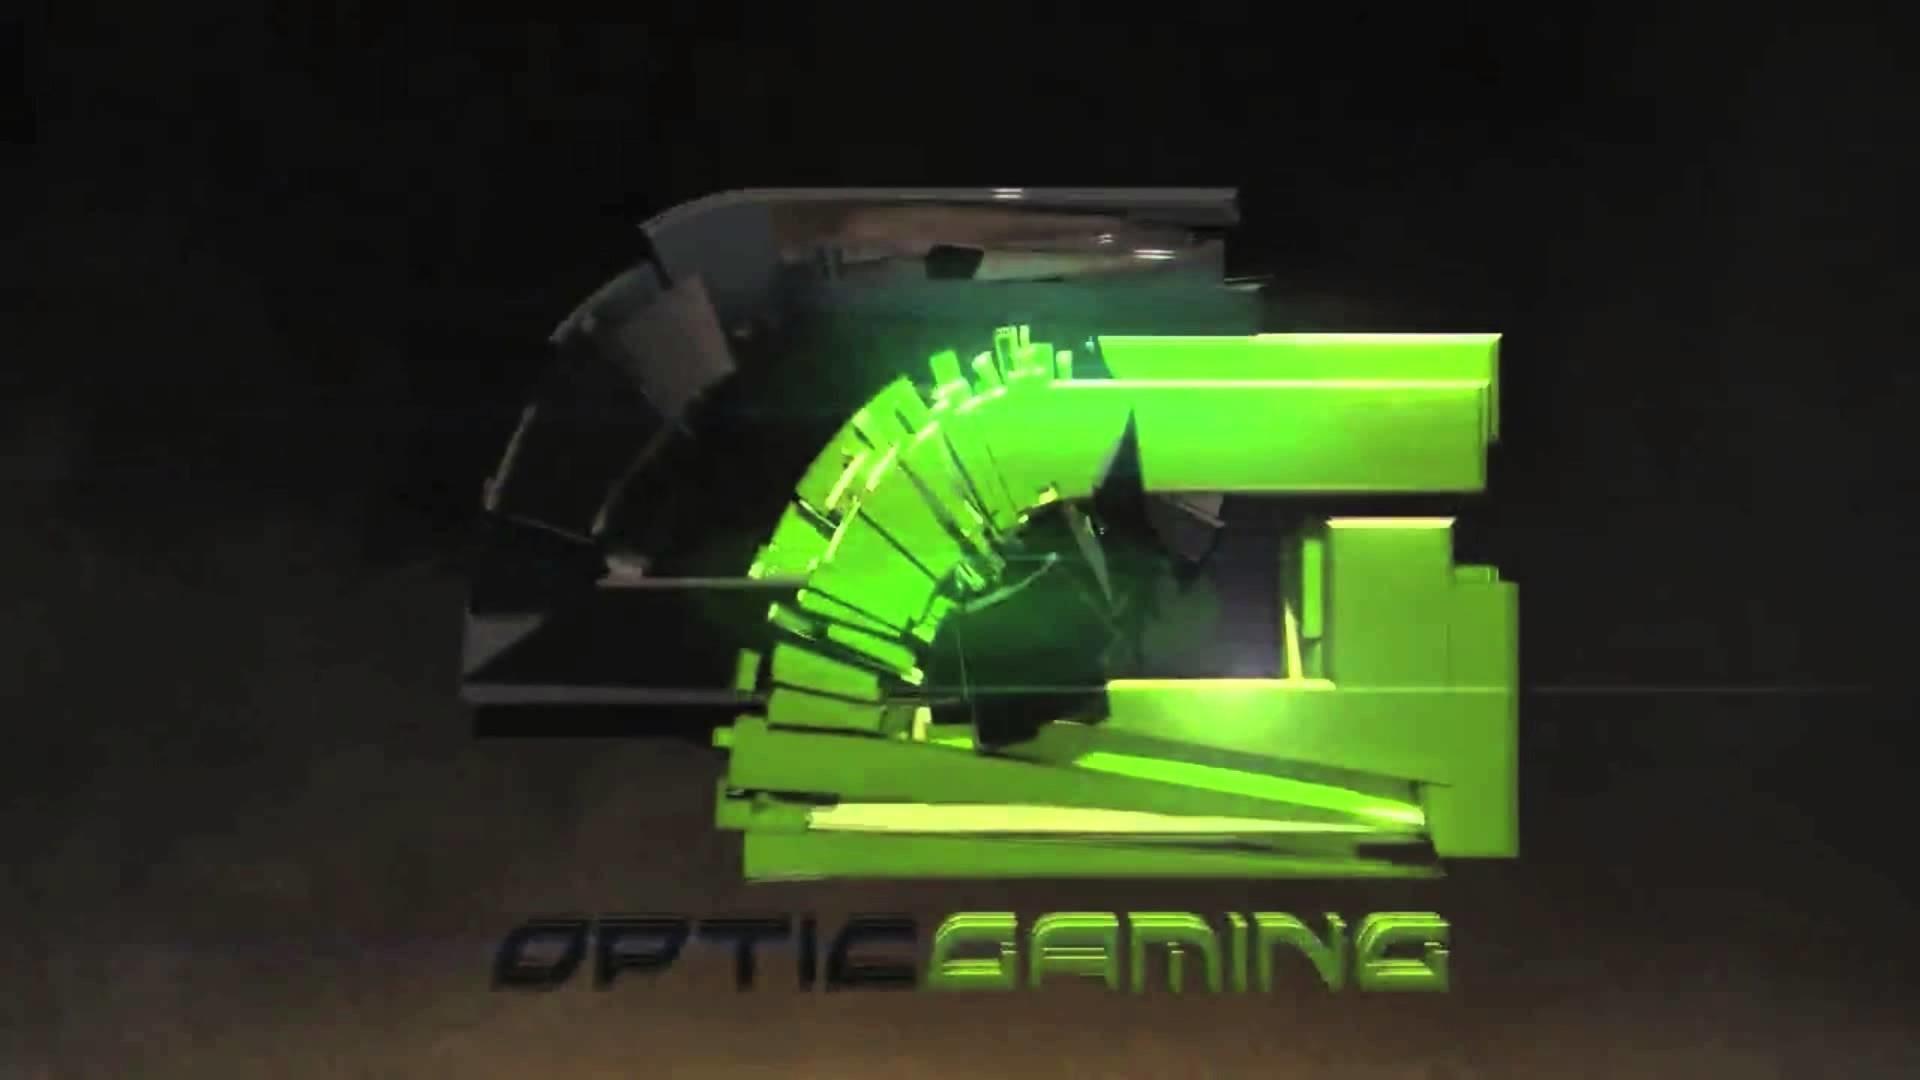 Optic Gaming Wallpapers 2015 – Wallpaper Cave